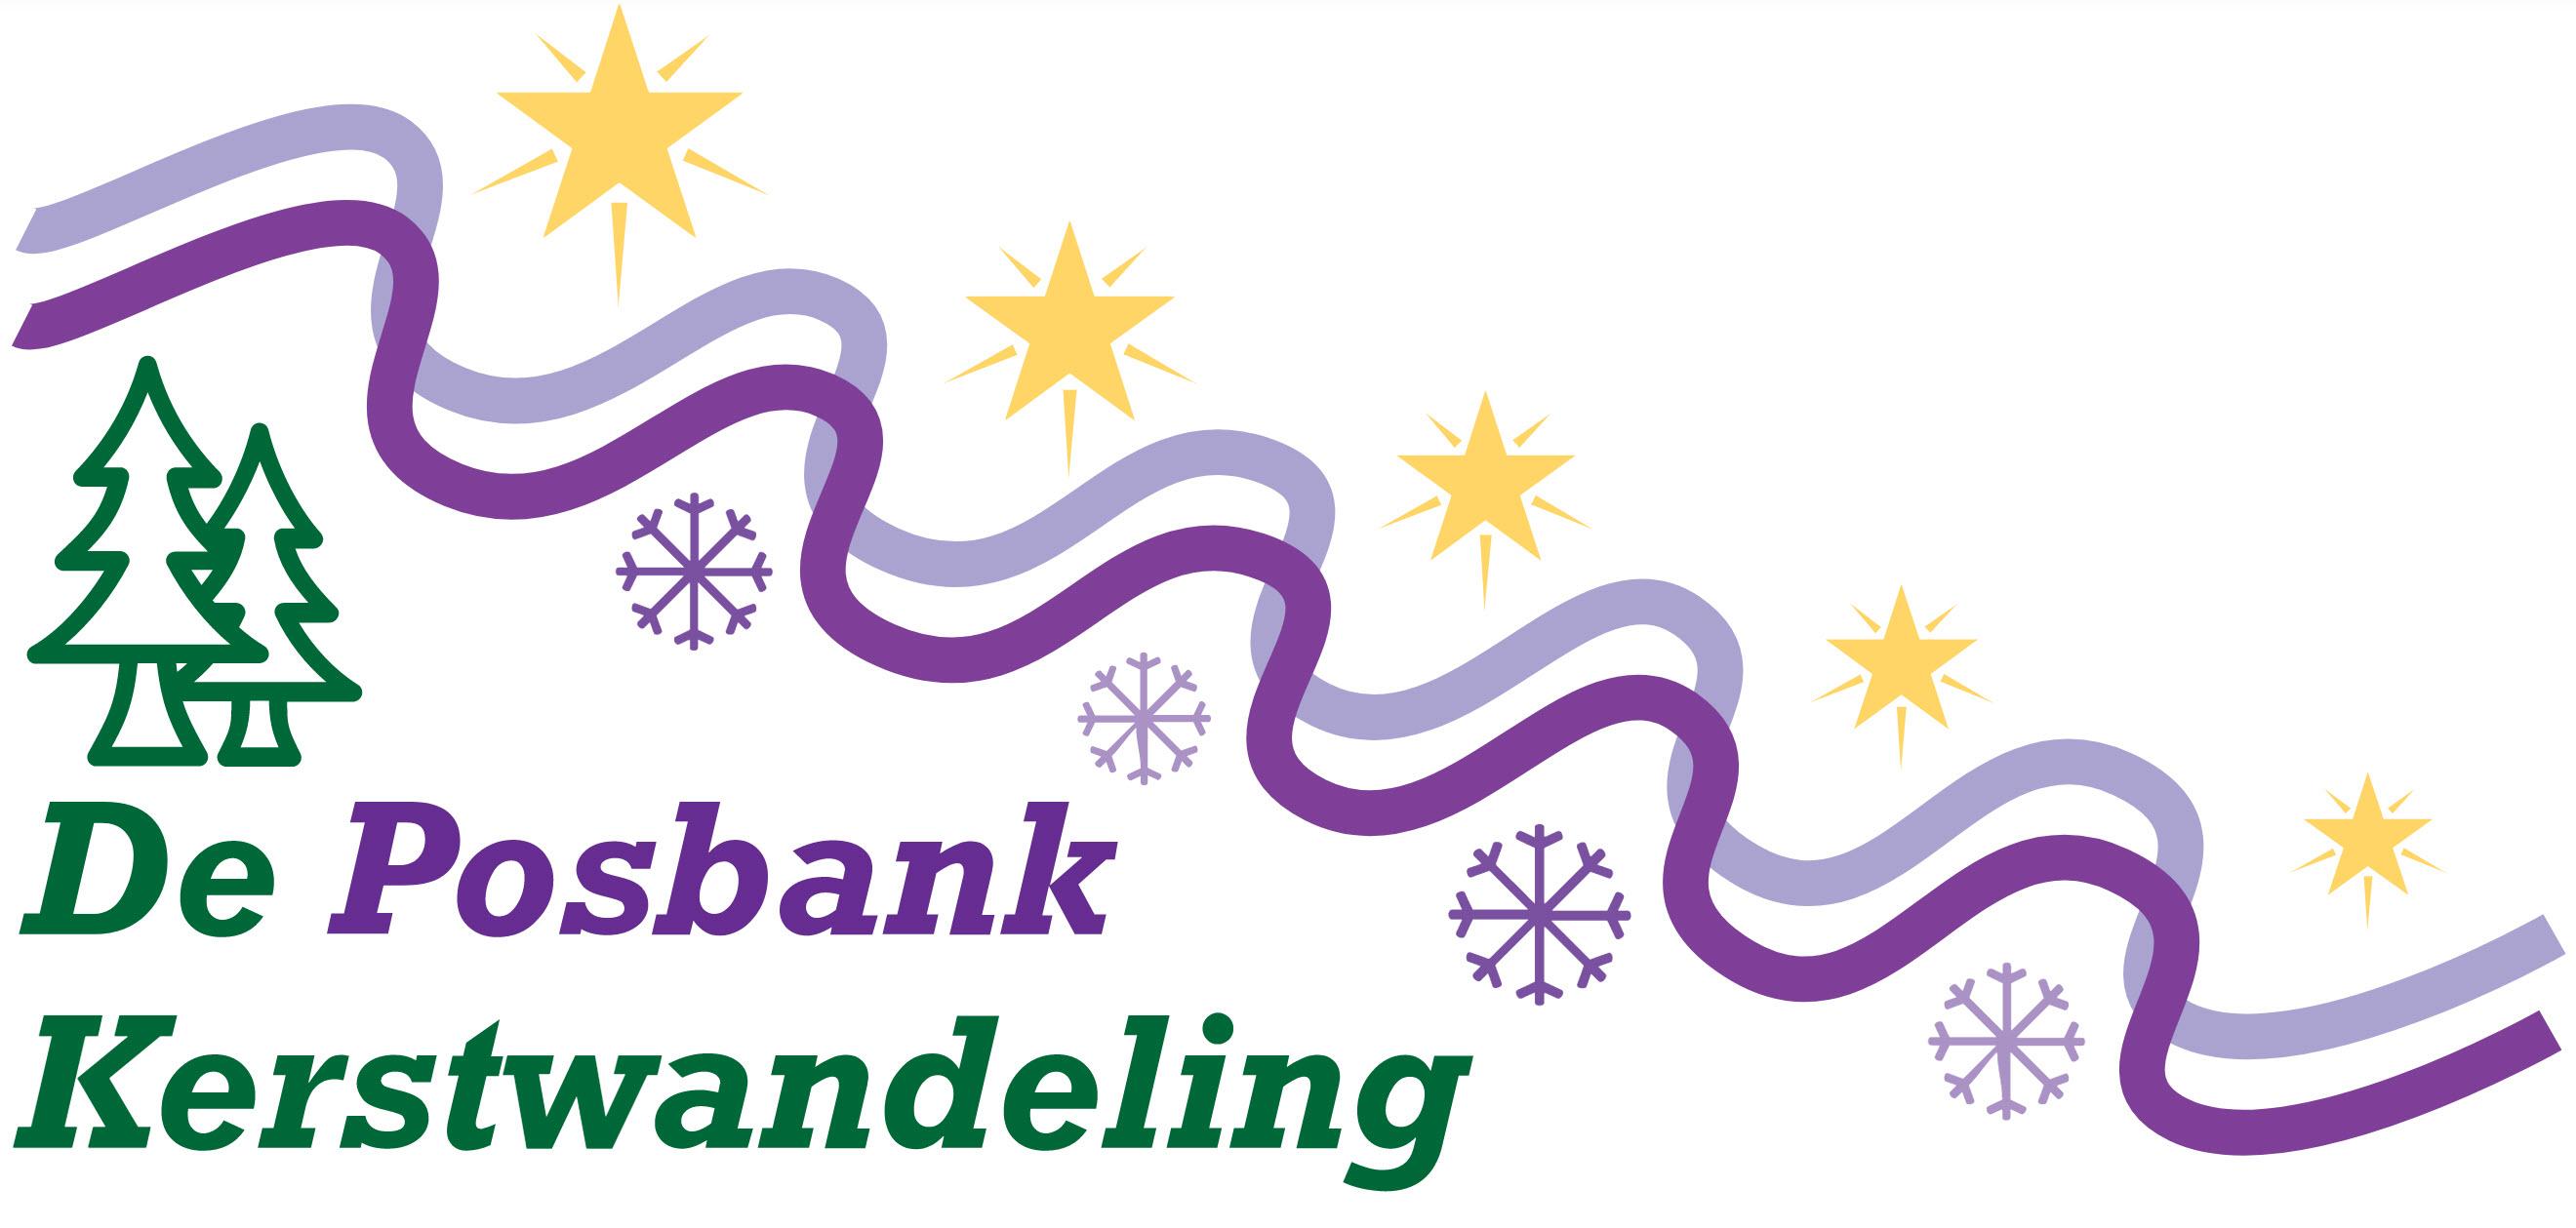 De Posbank Kerstwandeling